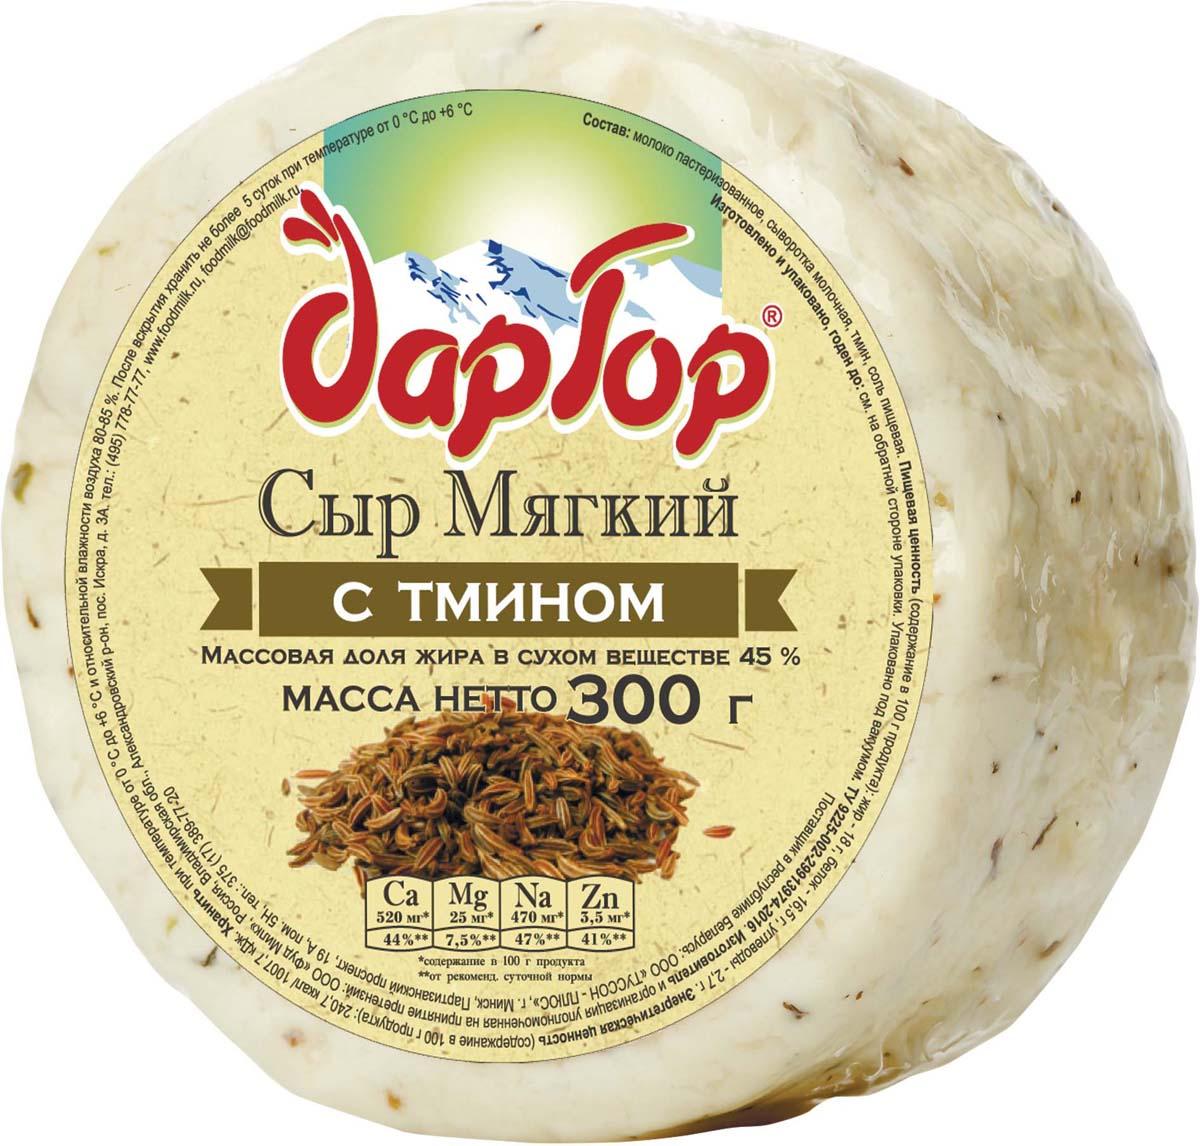 Дар Гор Сыр мягкий с Тмином 45%, 300 г село зеленое сыр гауда премиум 40% 250 г